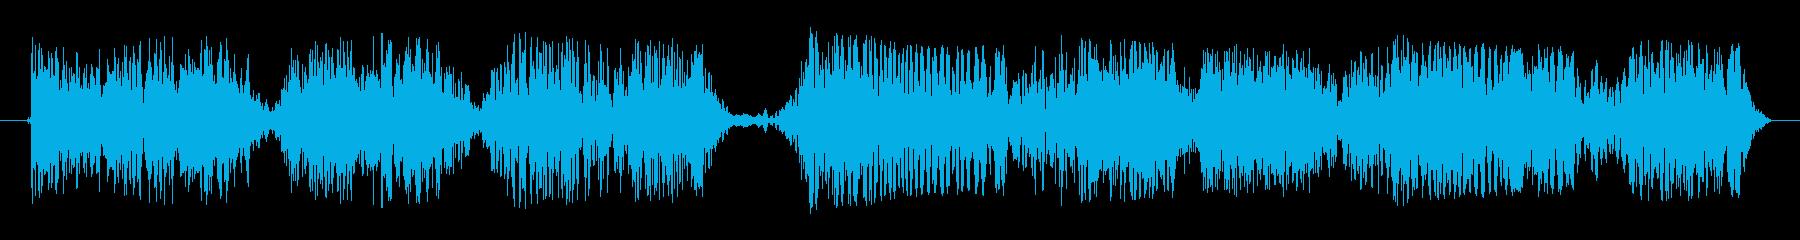 断続的な静的干渉スワイプ8の再生済みの波形